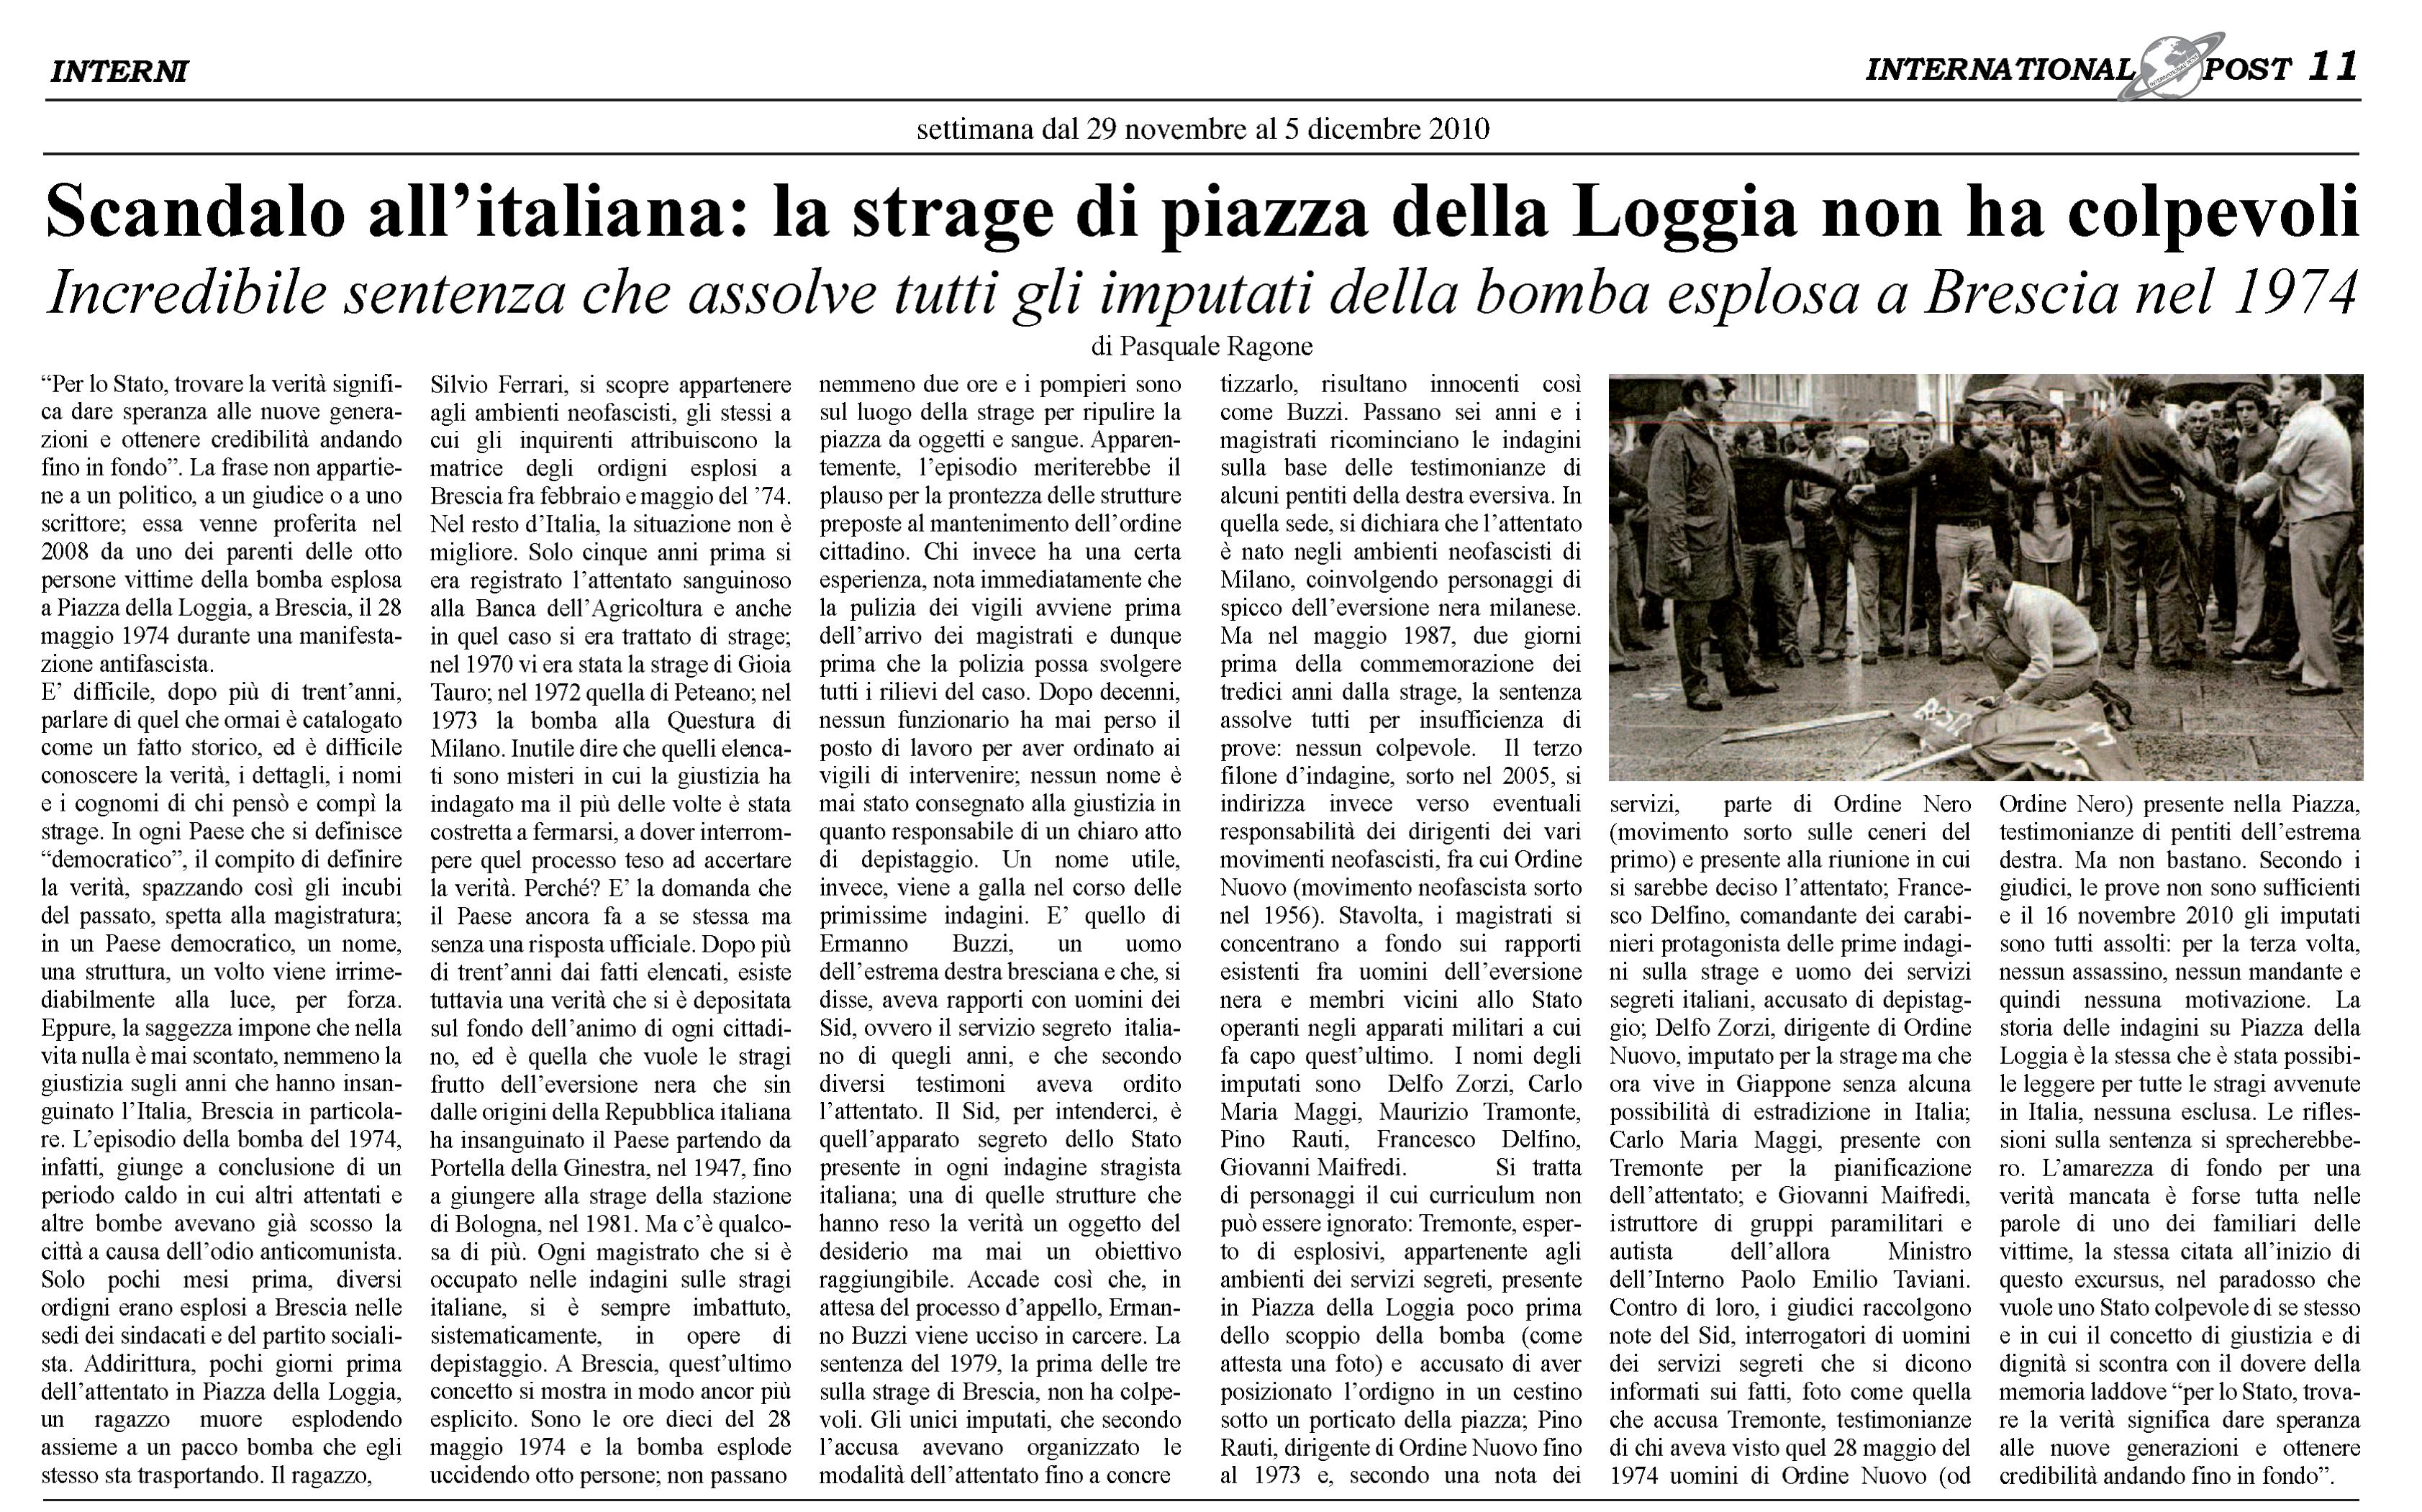 Strage Brescia scandalo all'italiana